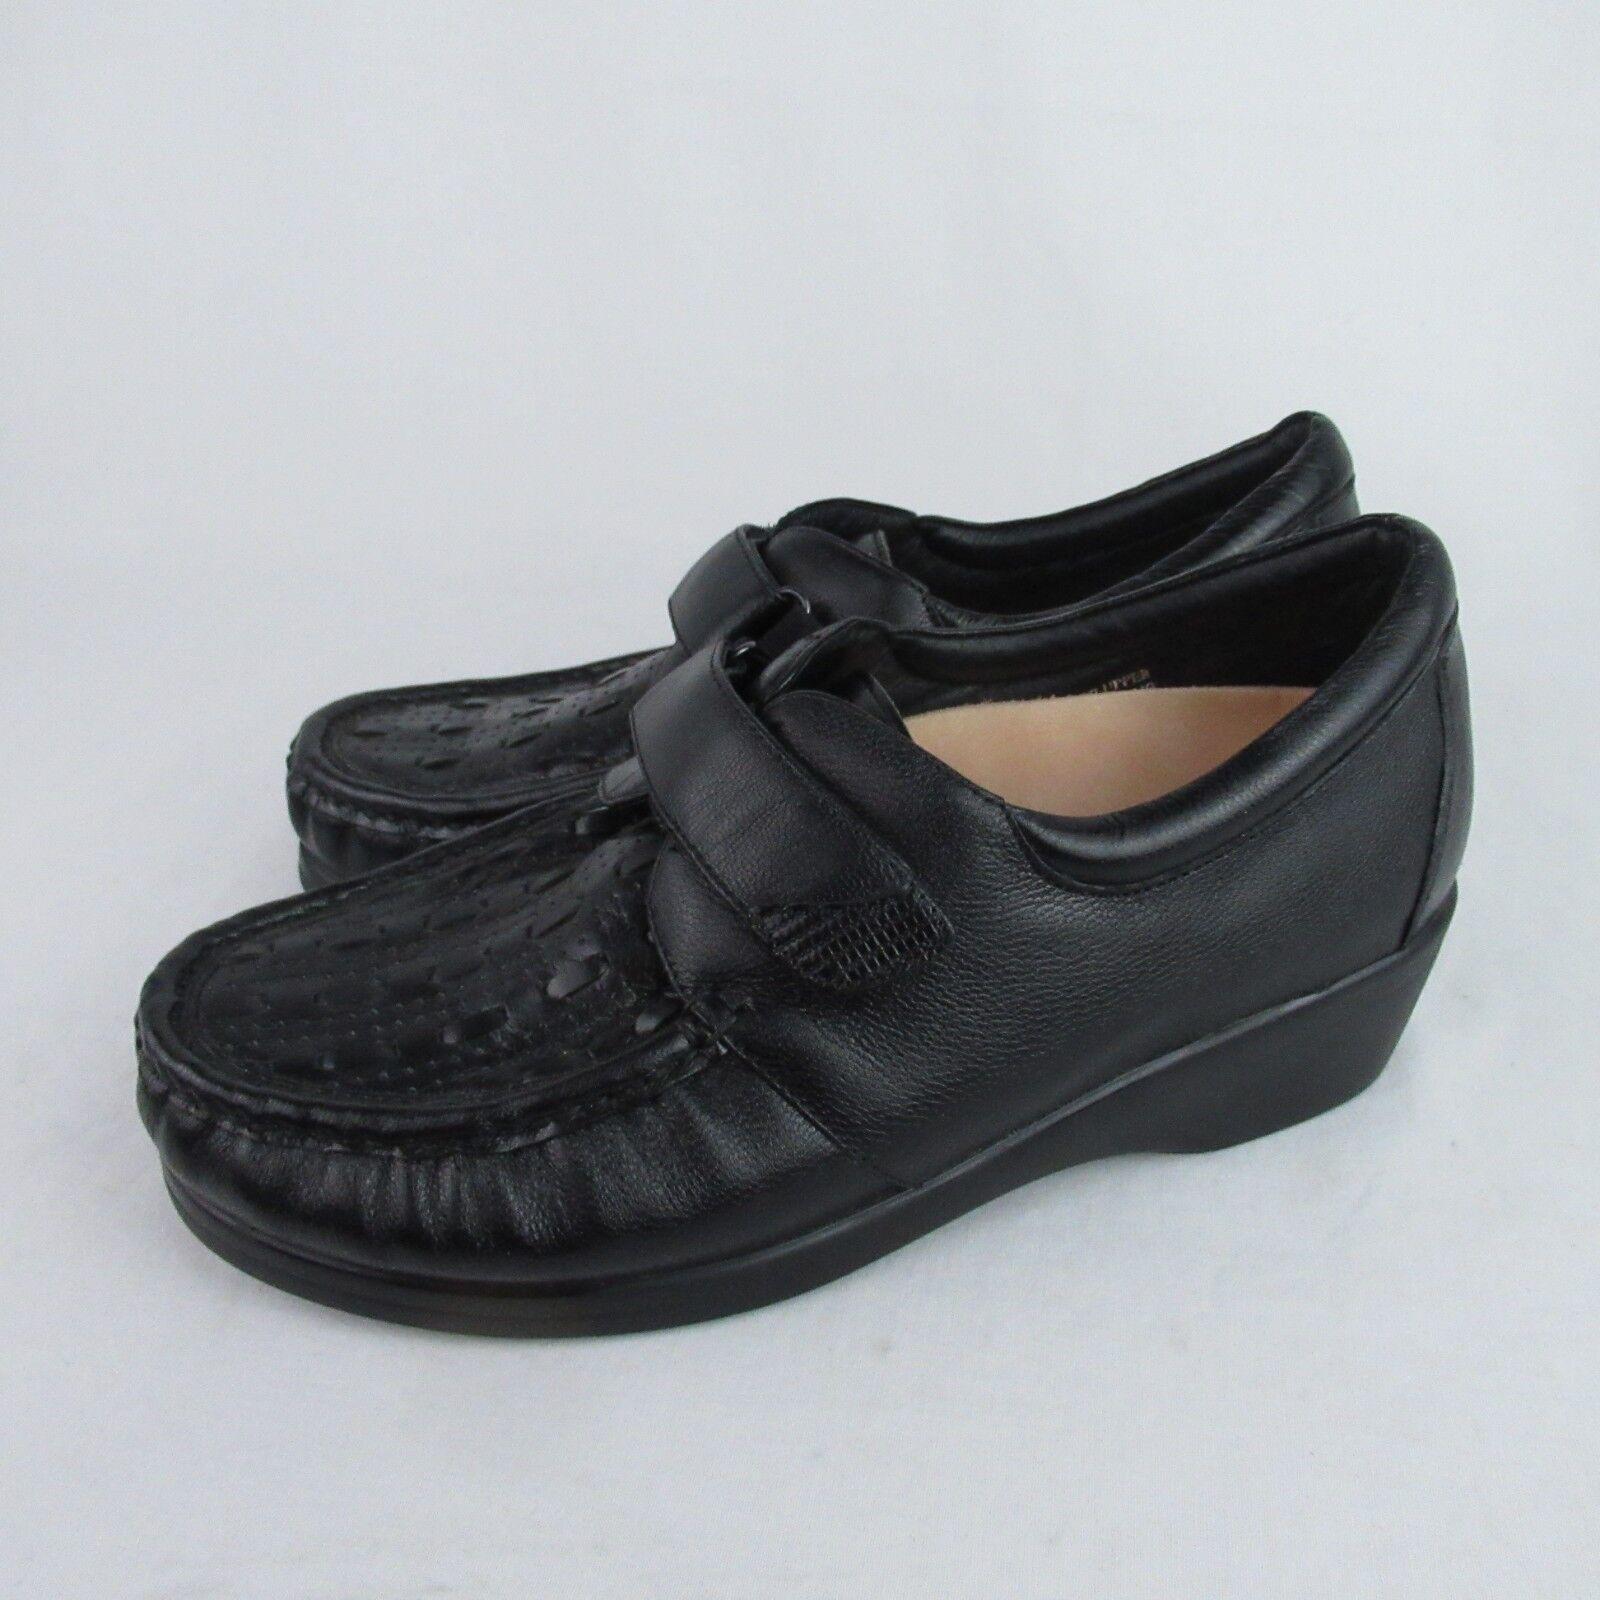 Nuevo abubilla Peregrino De Cuero Negro 7 de Ancho Extra Extra Extra Ancho diabéticos Comodidad Zapatos Stacey  104  en promociones de estadios